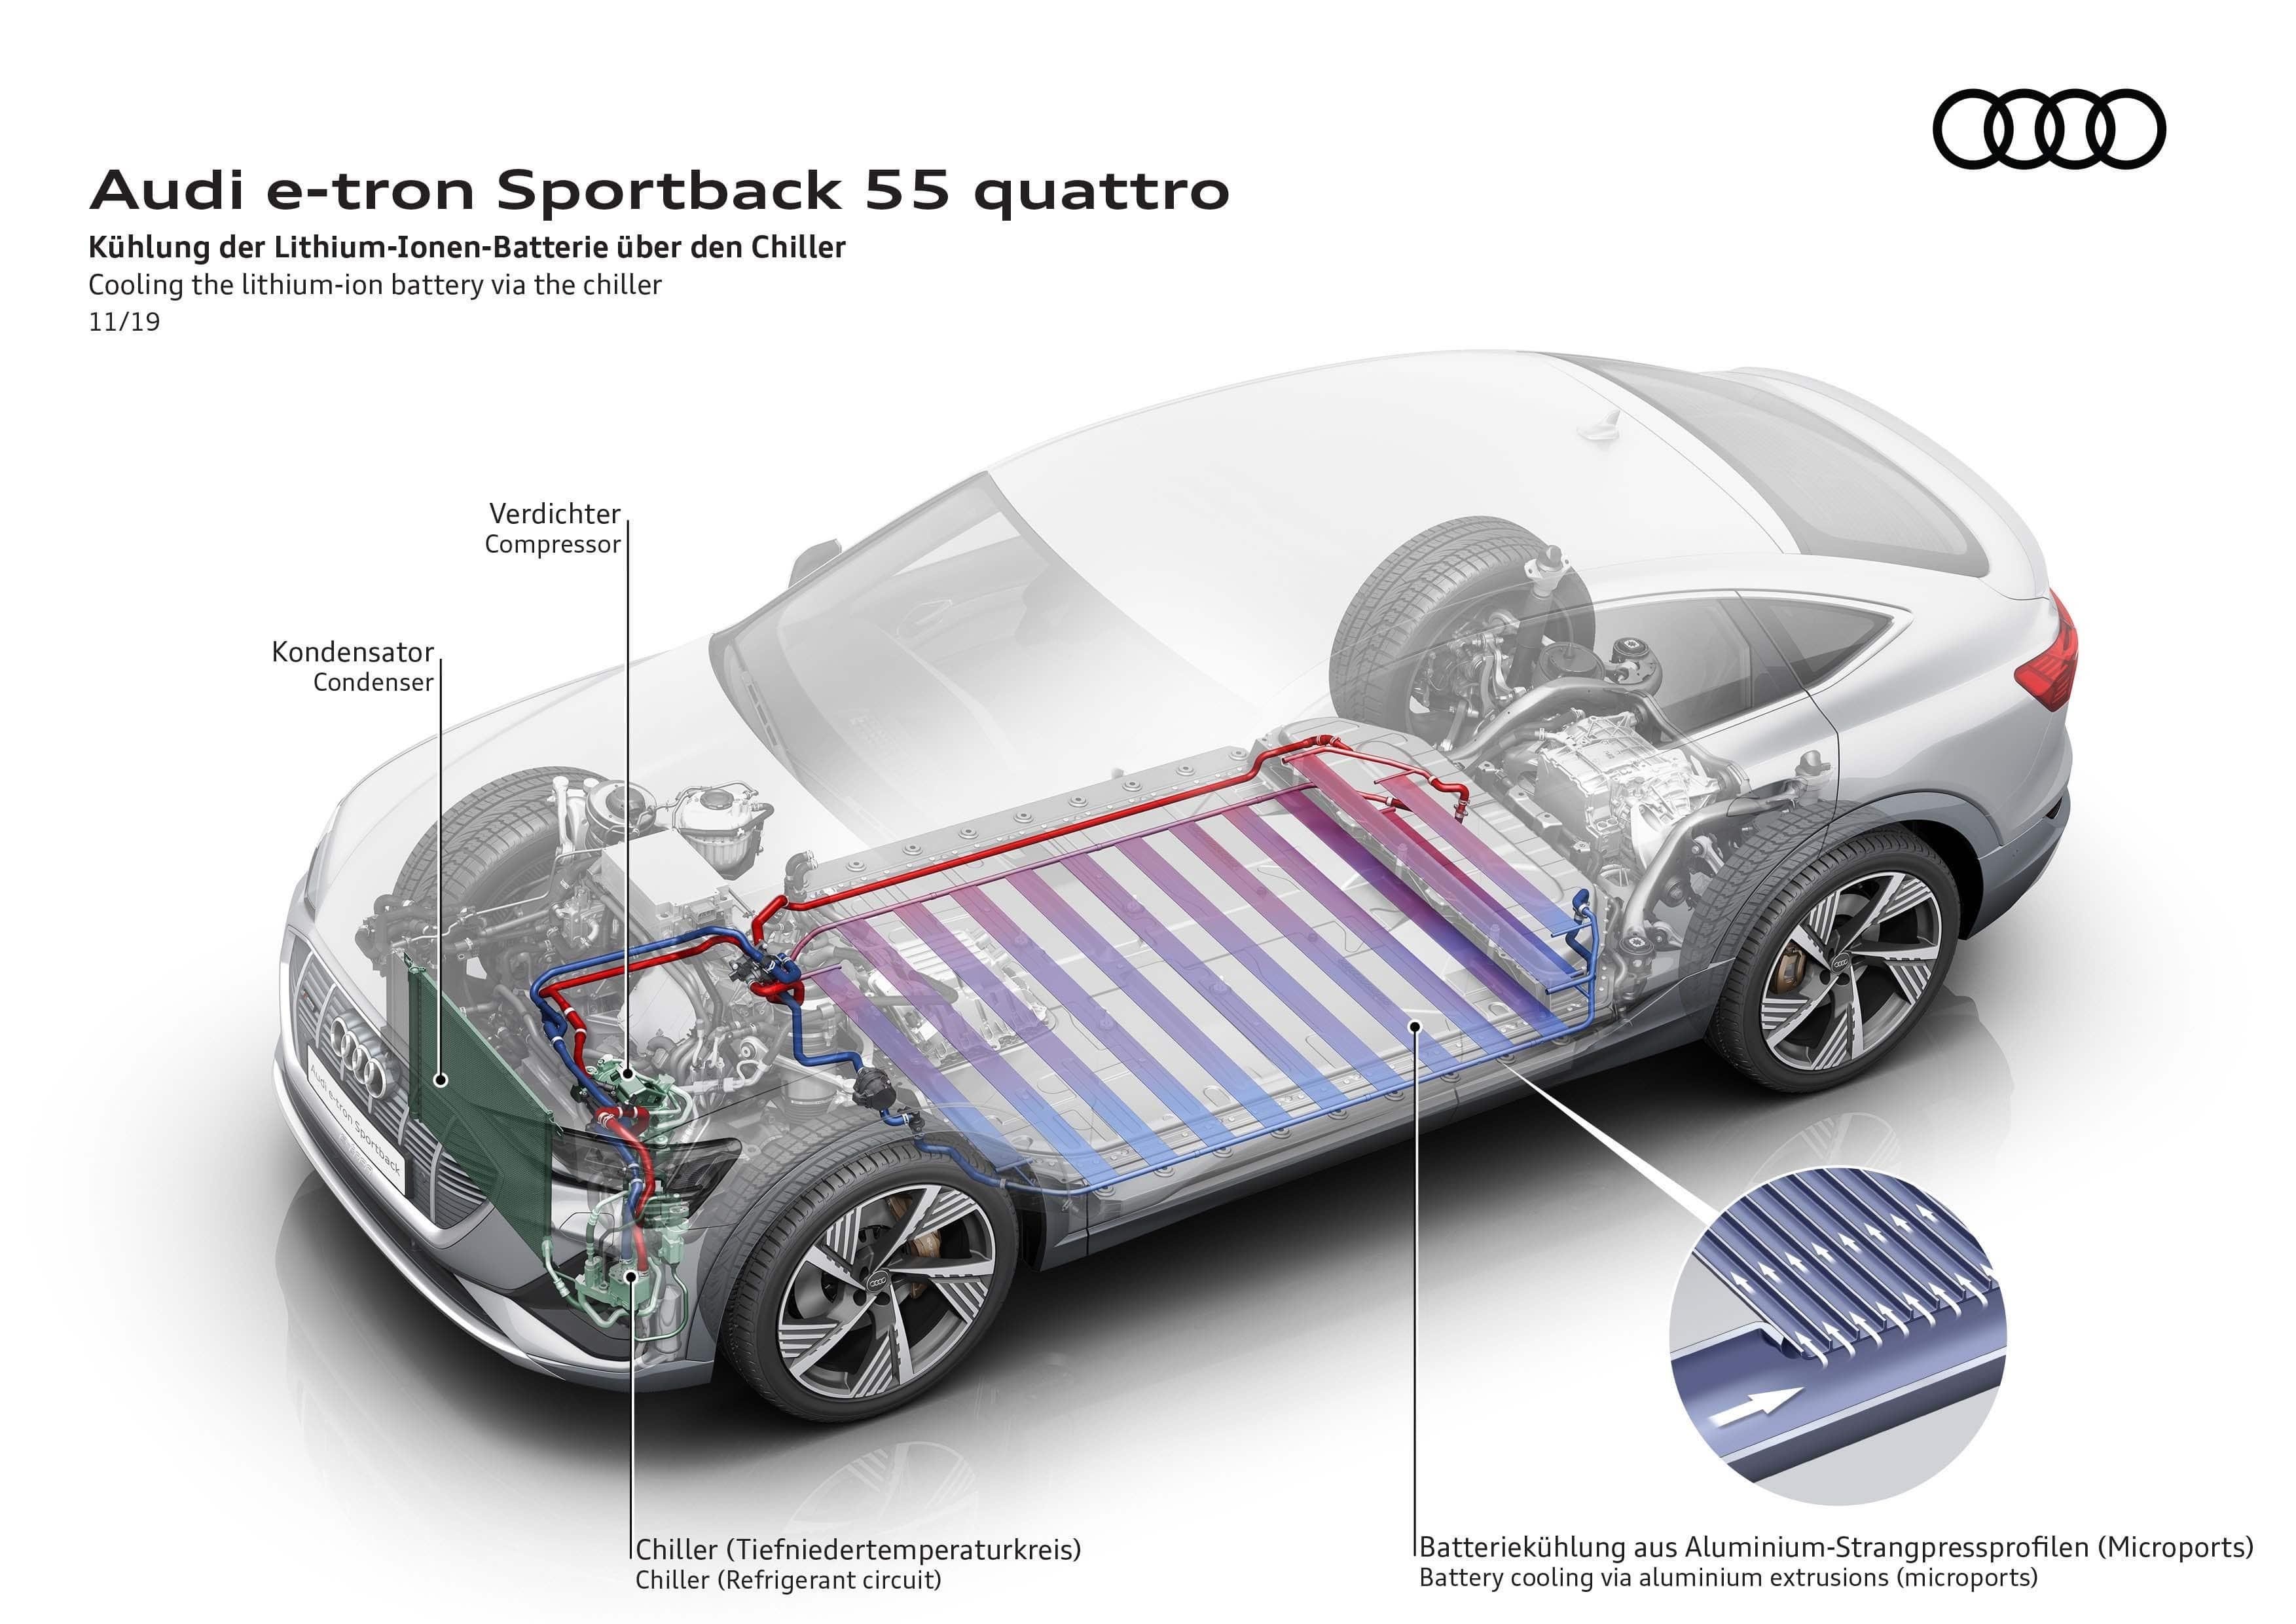 Audi e-tron γρήγορη φόρτιση - Προηγμένη θερμική διαχείριση